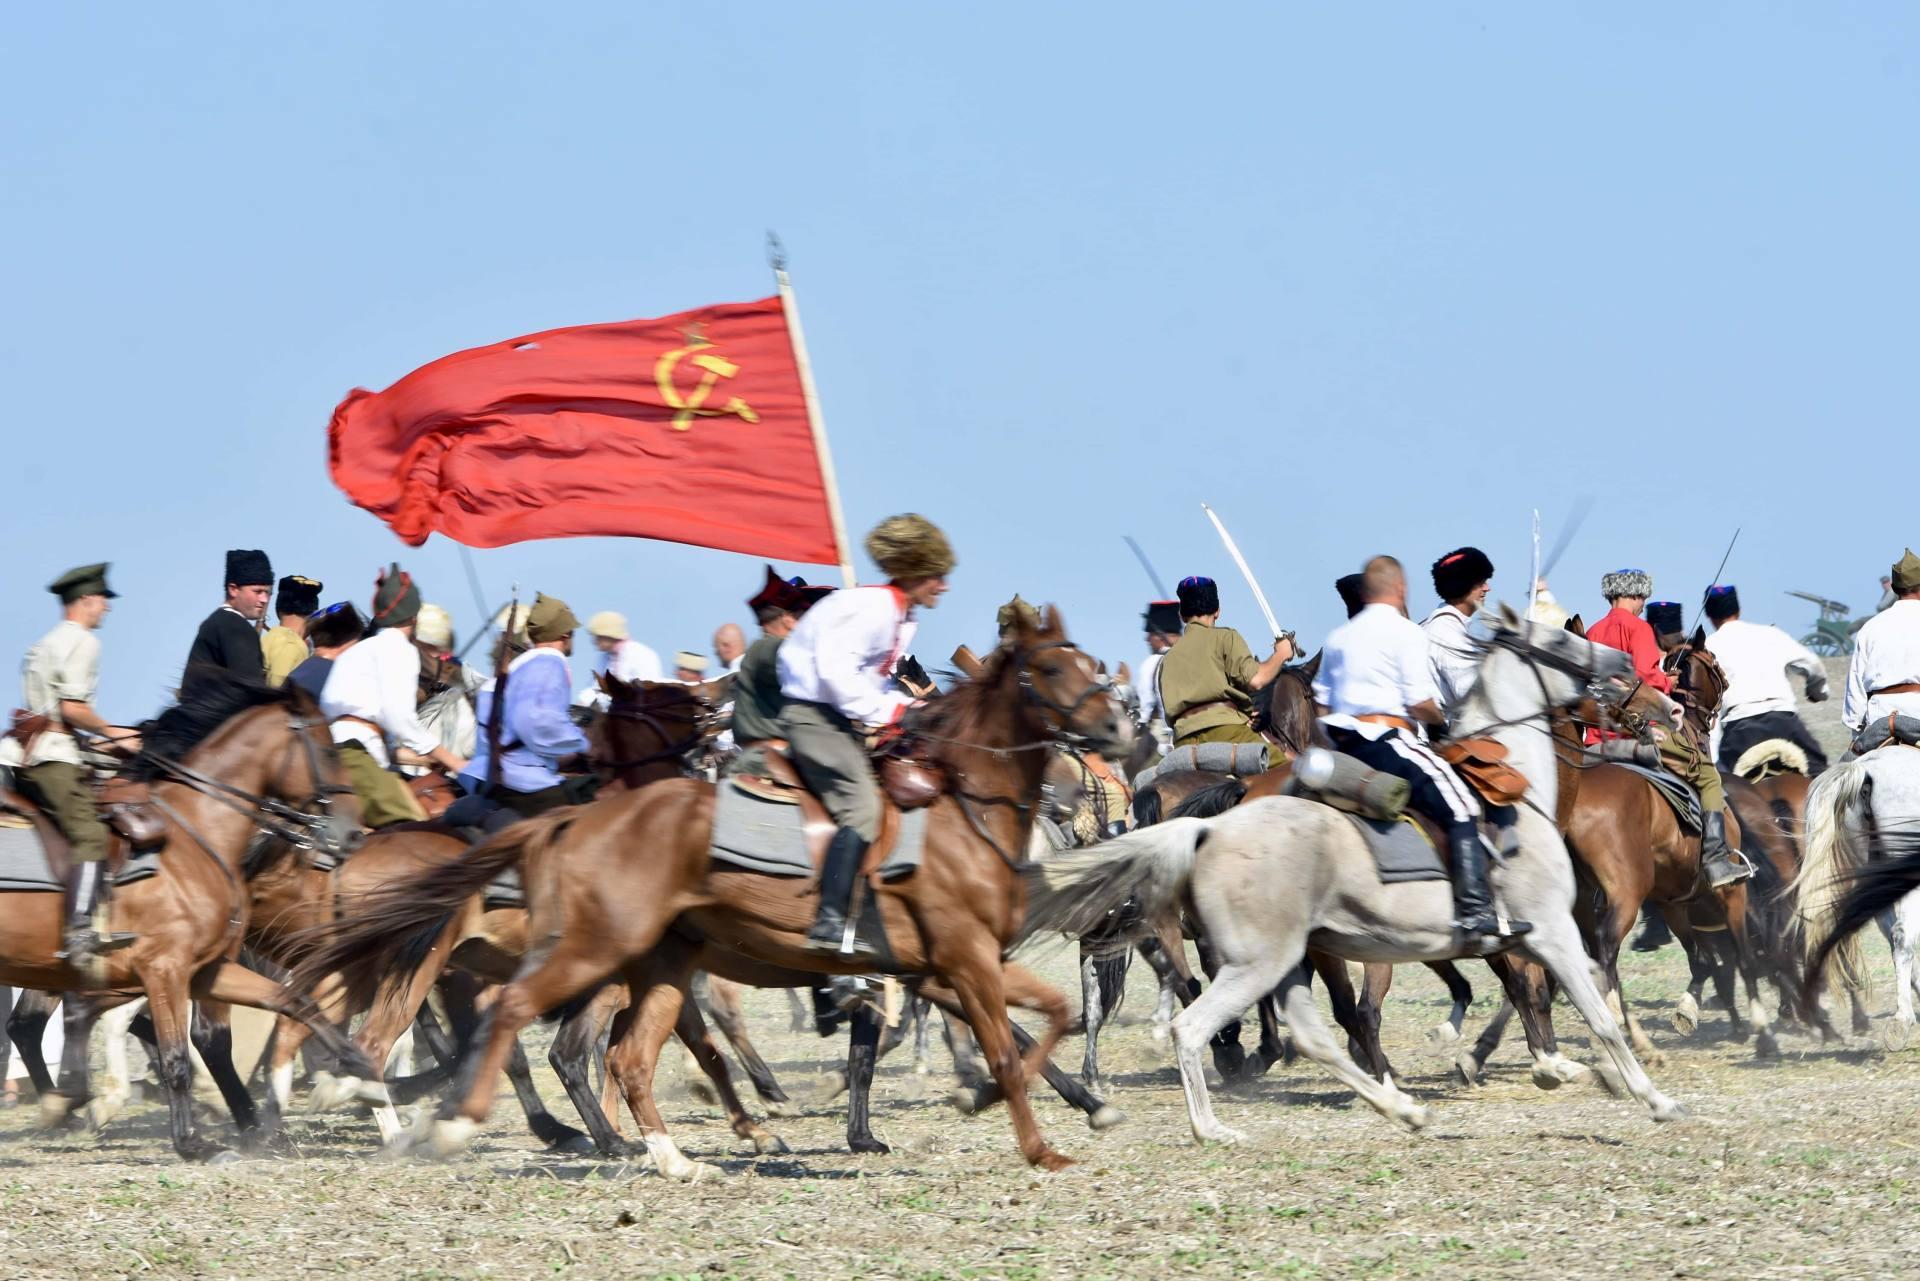 dsc 0863 Czas szabli - 100 rocznica bitwy pod Komarowem(zdjęcia)